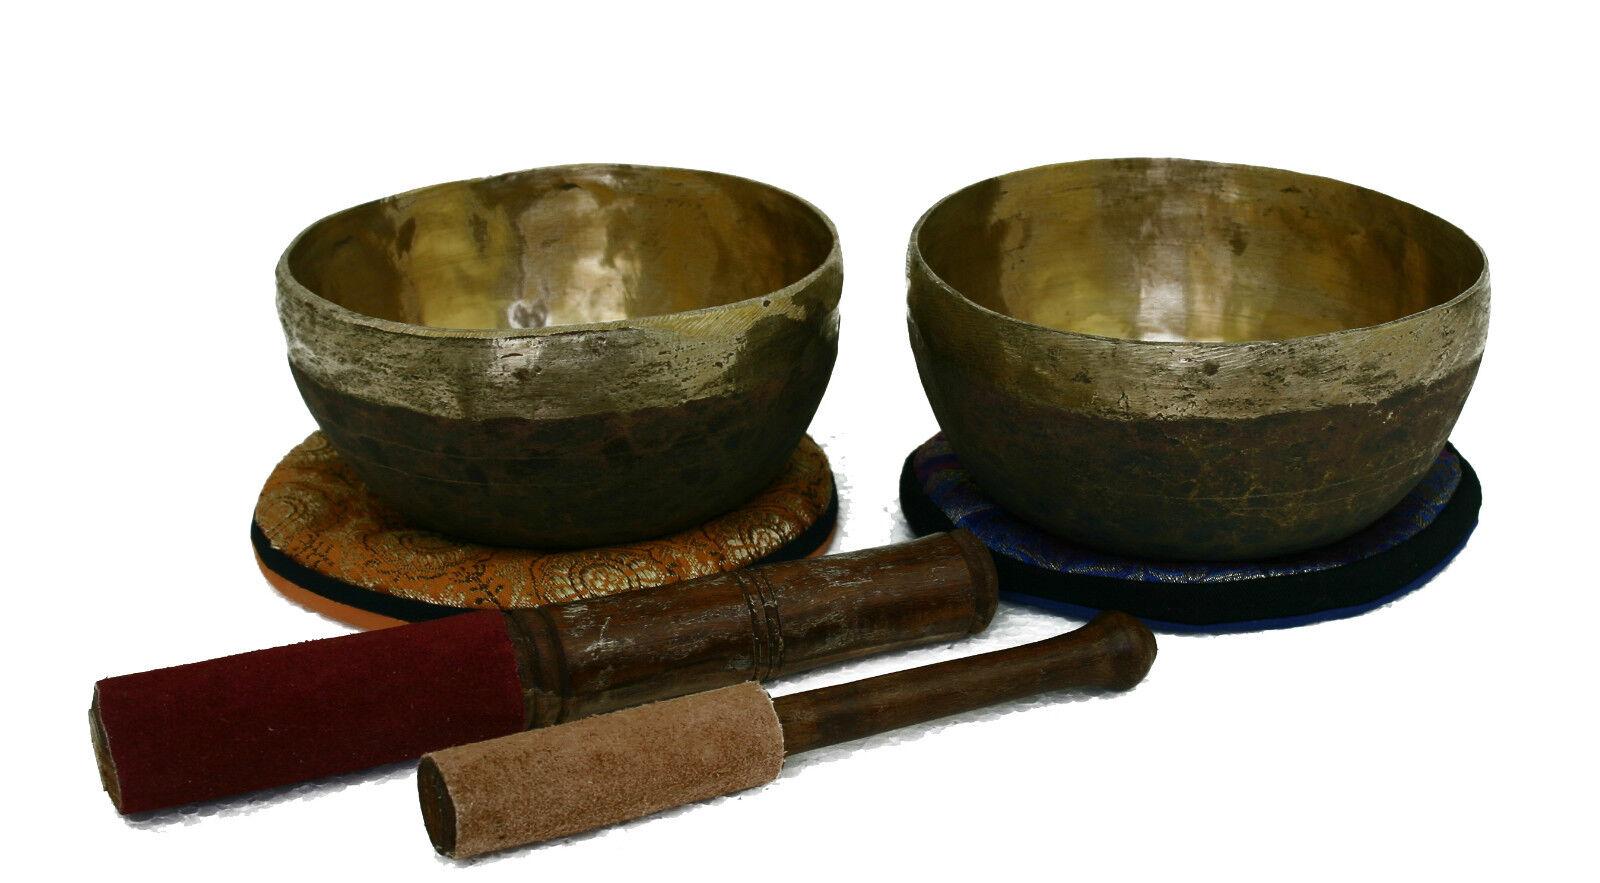 Klangschale Set Klangmassage Meditation Klangtherapie 2 St. 1087g Hörprobe S474